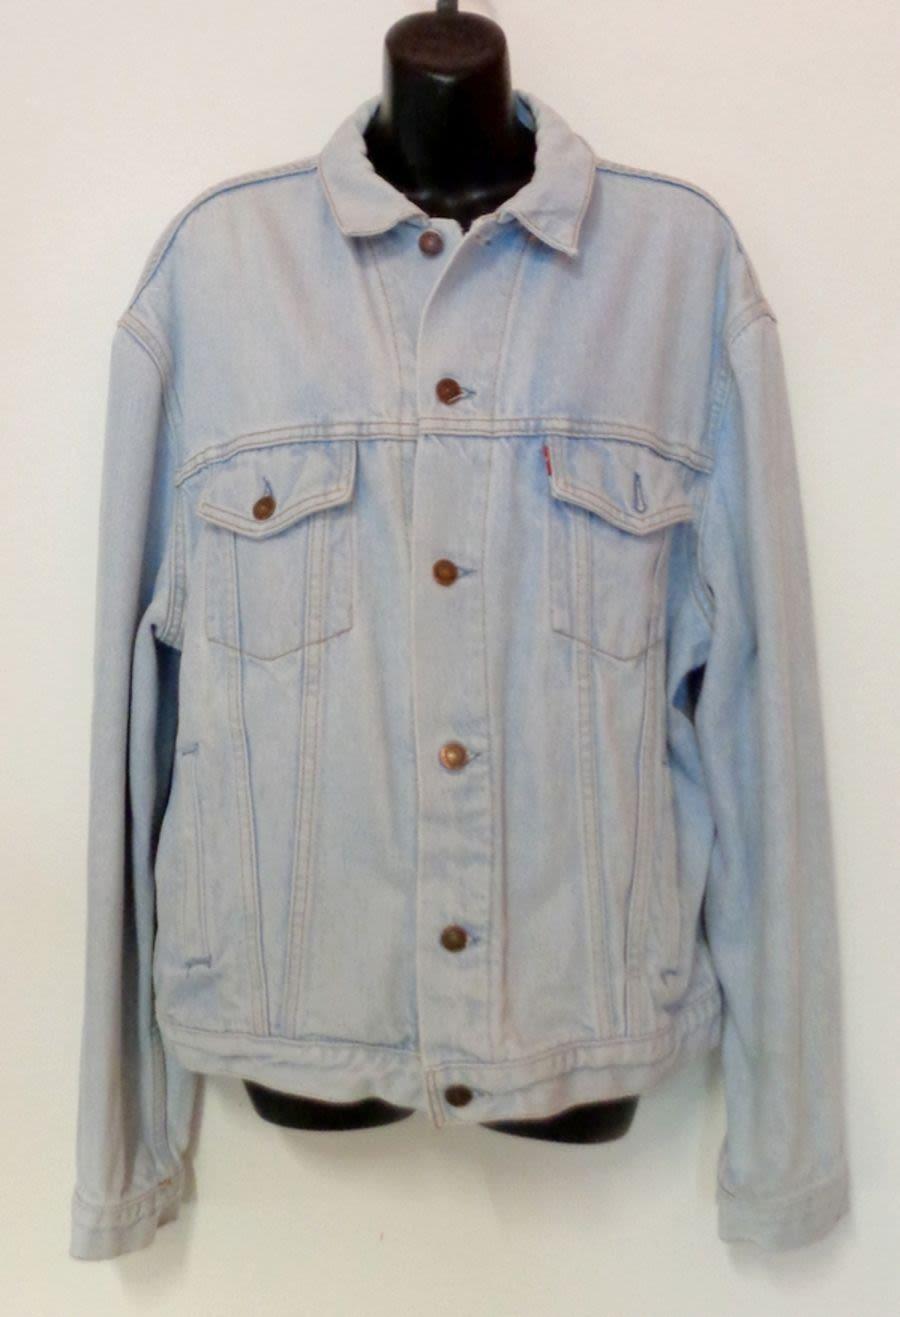 Vintage 1990's Original Levi Acid Wash Denim Jacket